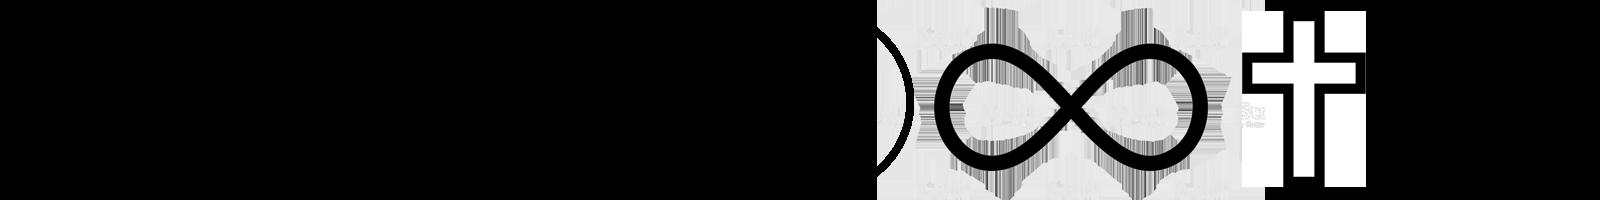 gravur-symboleyhZNMmC0x9jvp